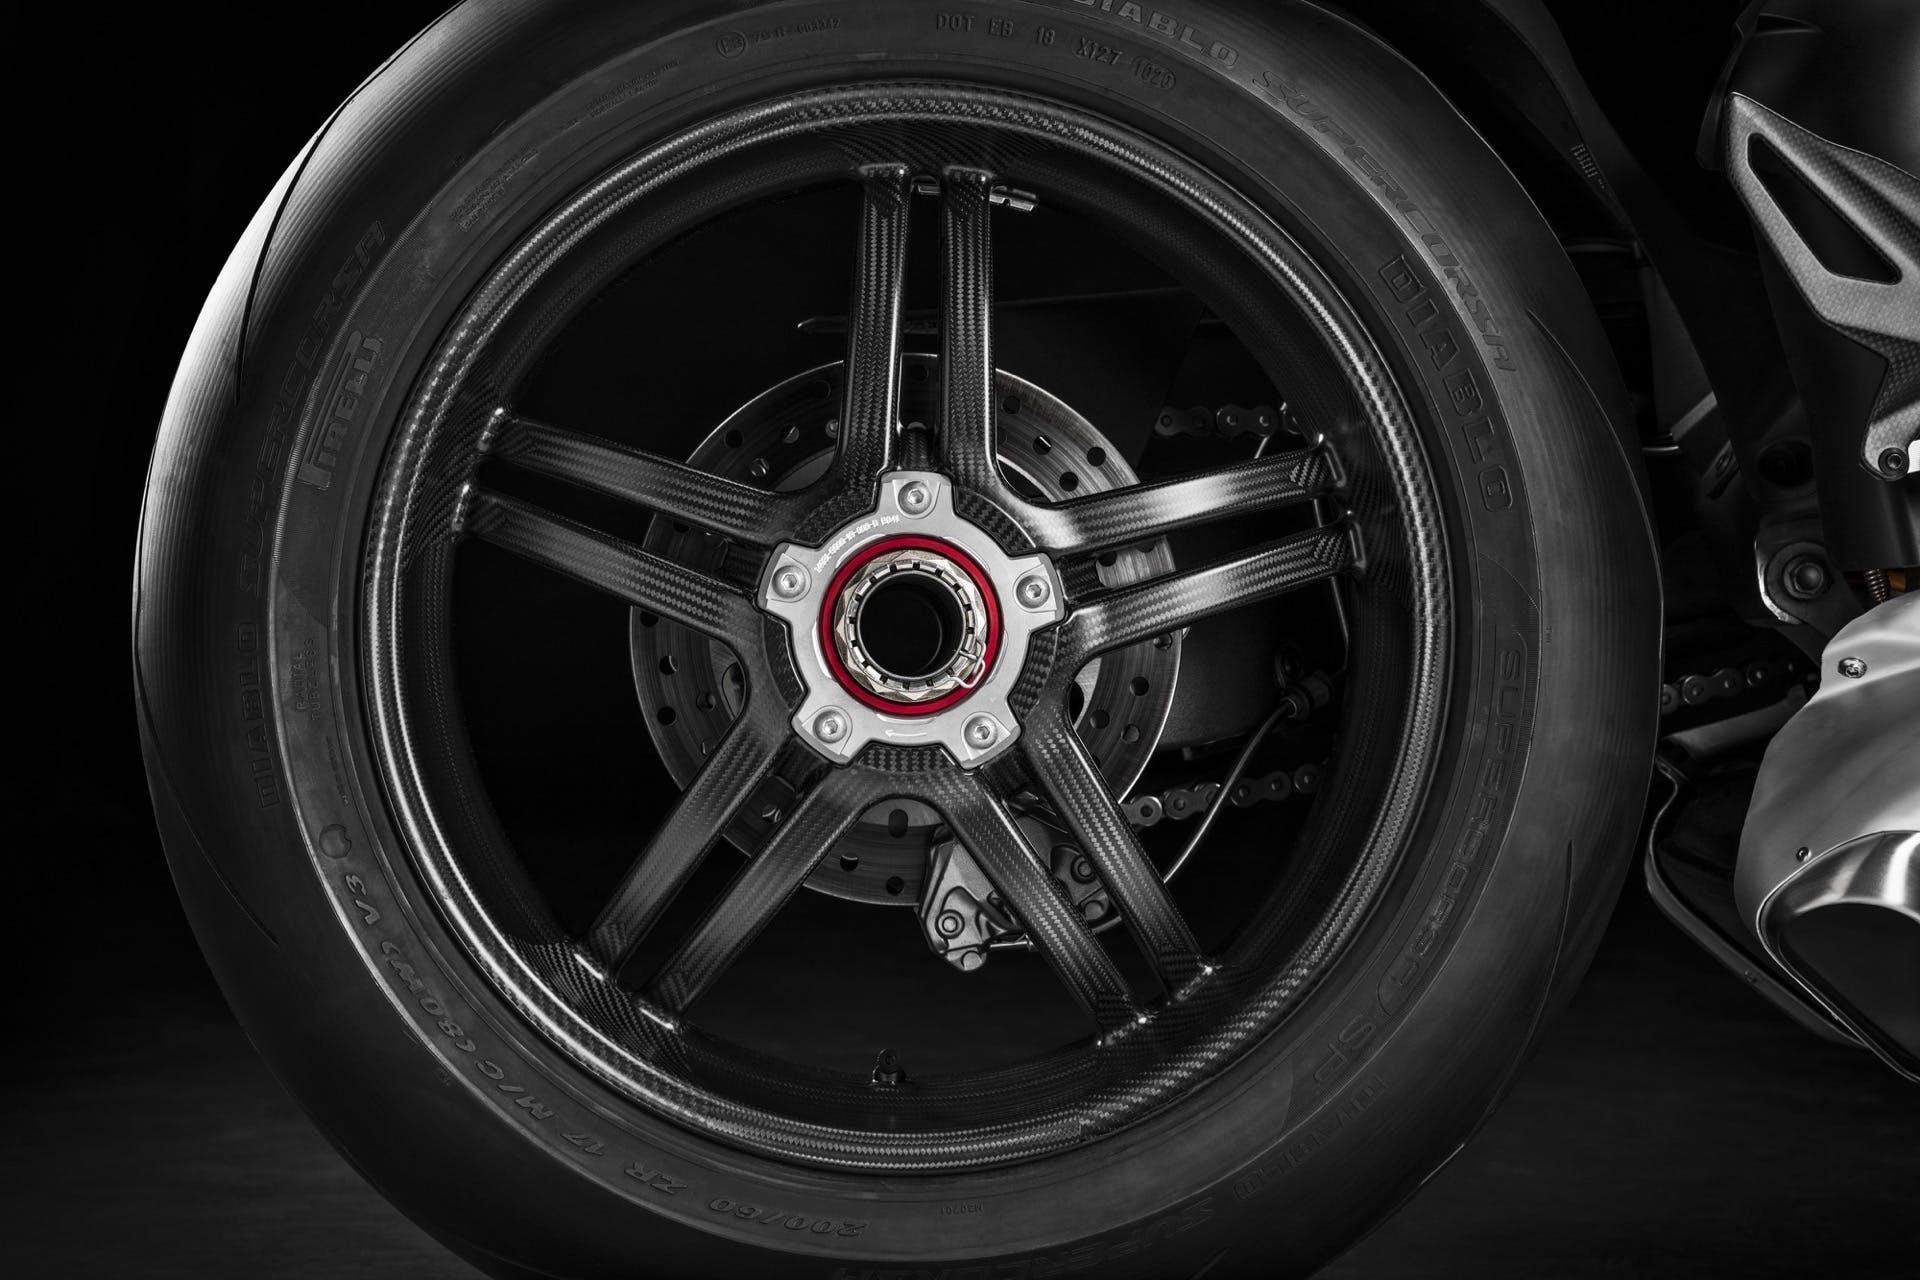 Ducati Panigale V4 SP cerchio posteriore carbonio